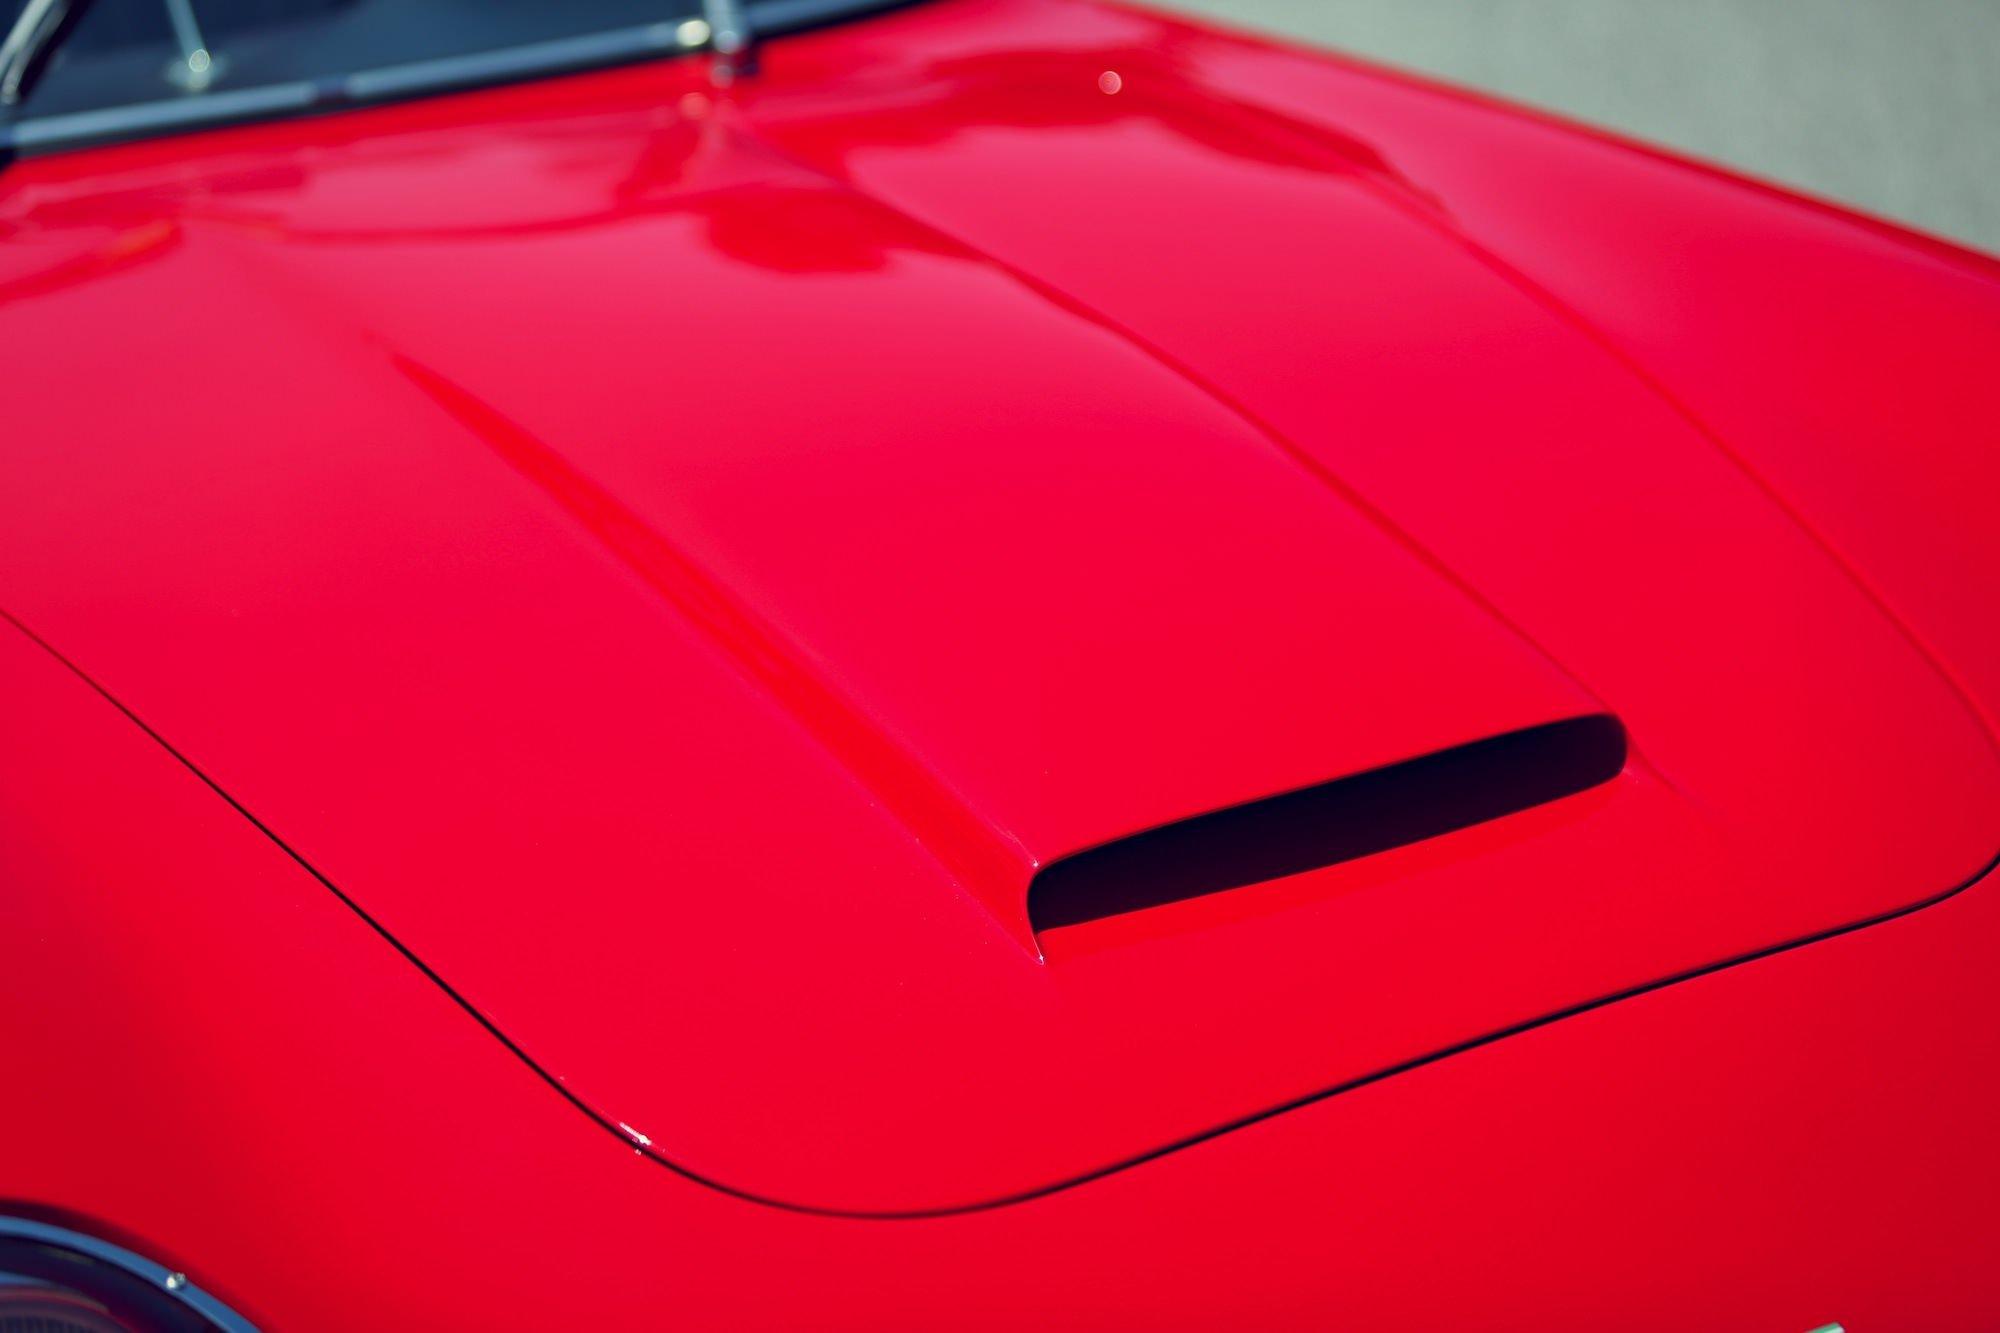 Ferrari 250 GT N.A.R.T. Spider by Fantuzzi 7